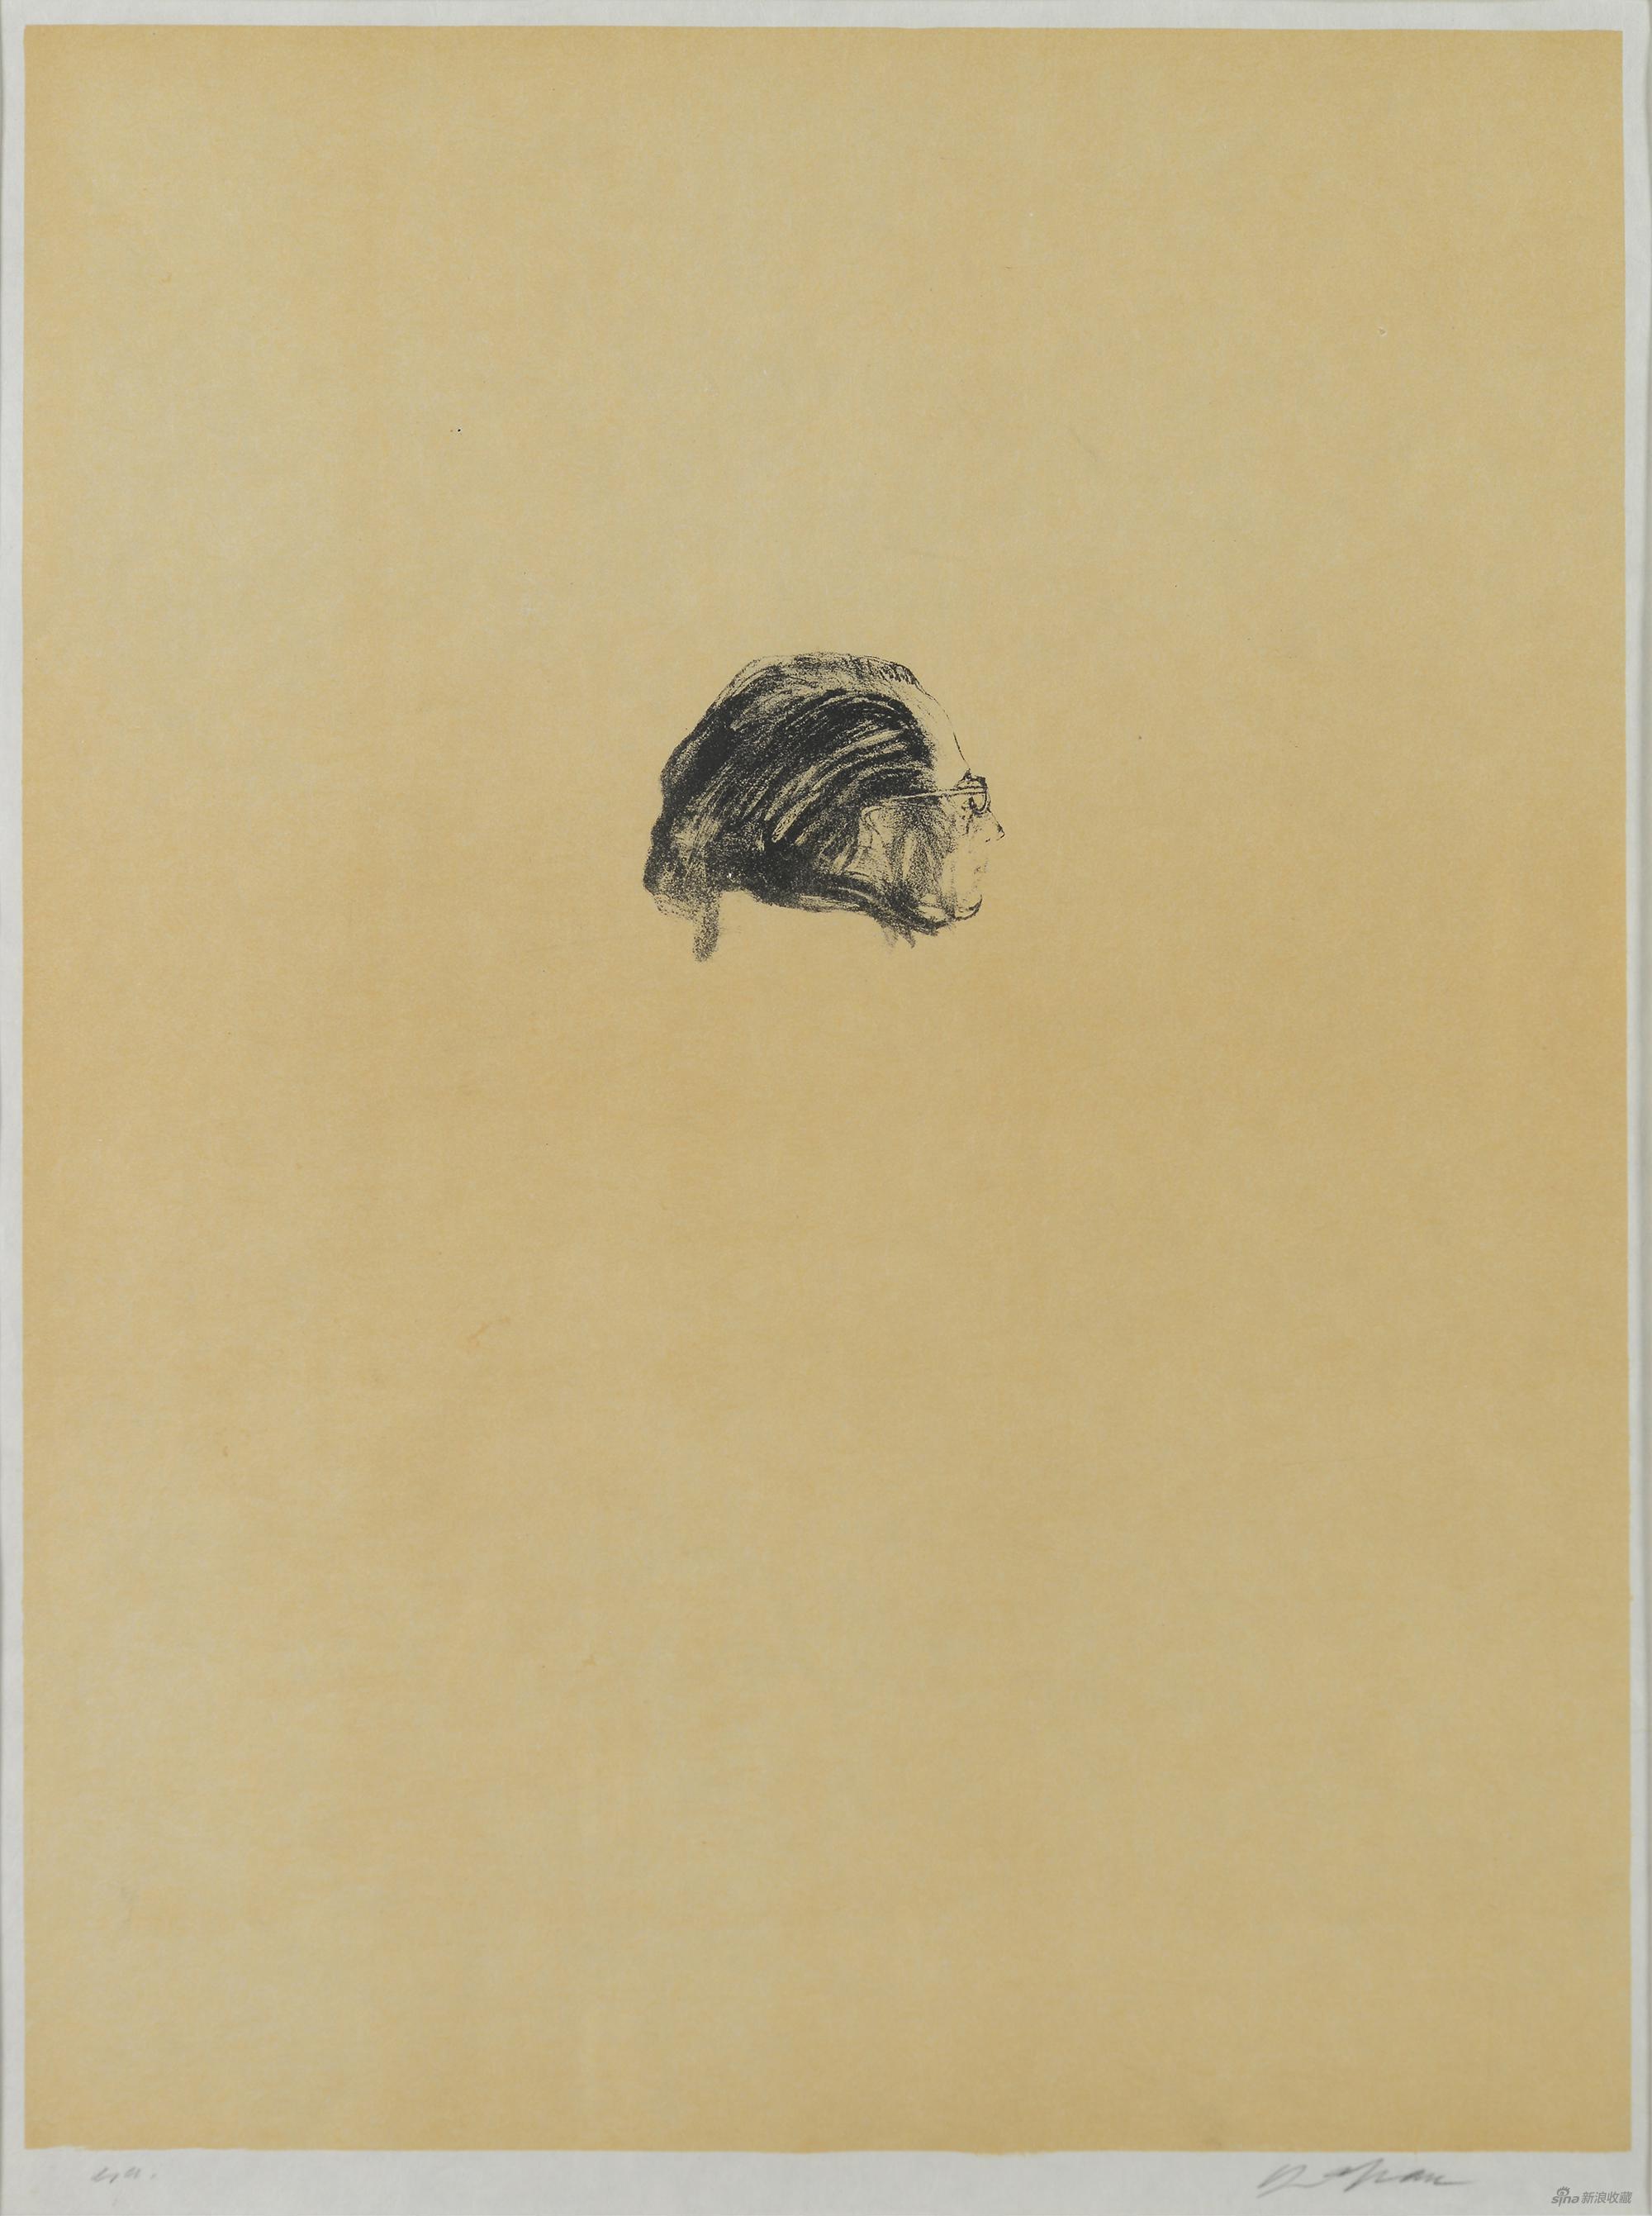 诗人让·皮亚杰,森·山方,石版画,67×51cm,1970